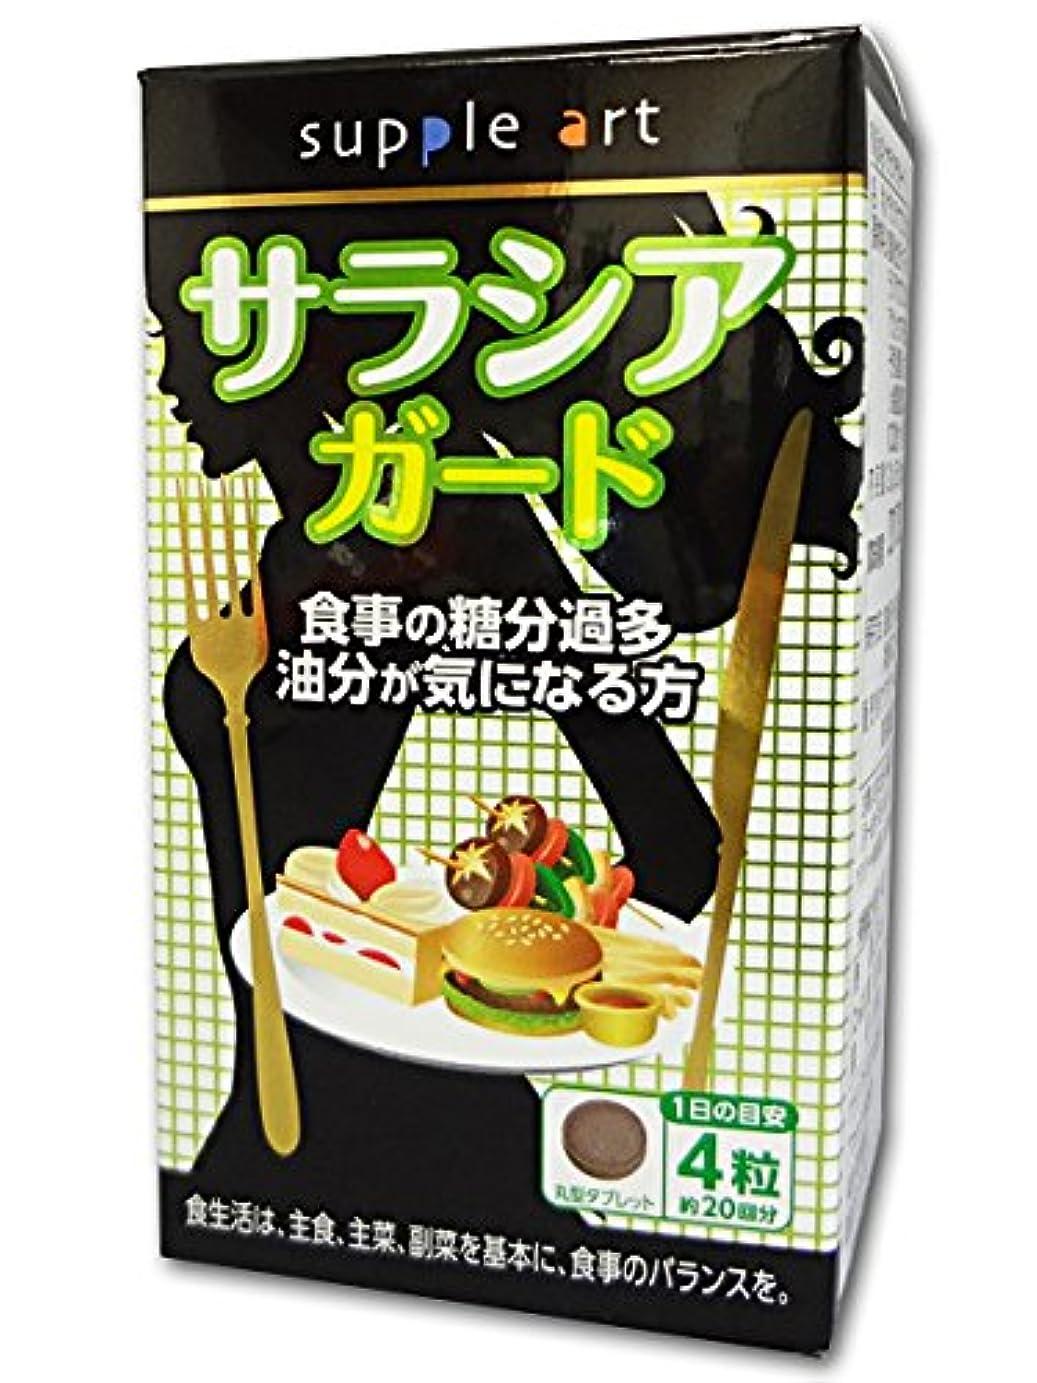 メイドボックスぬるいサプリアート サラシアガード 食事の糖分過多油分が気になる方 80粒